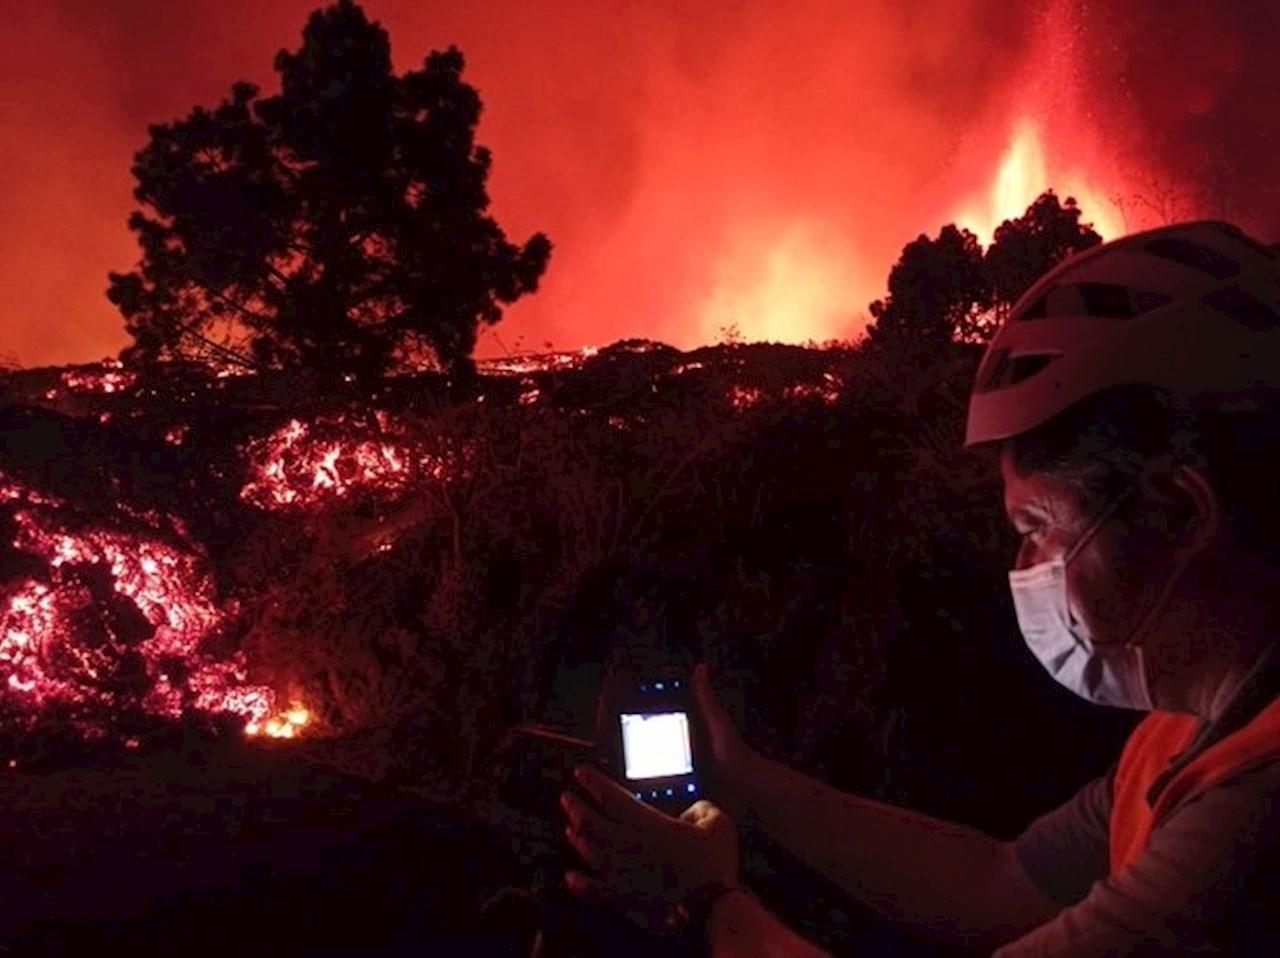 Río de lava arrasa con 166 casas en su camino al mar en isla La Palma, en Canarias